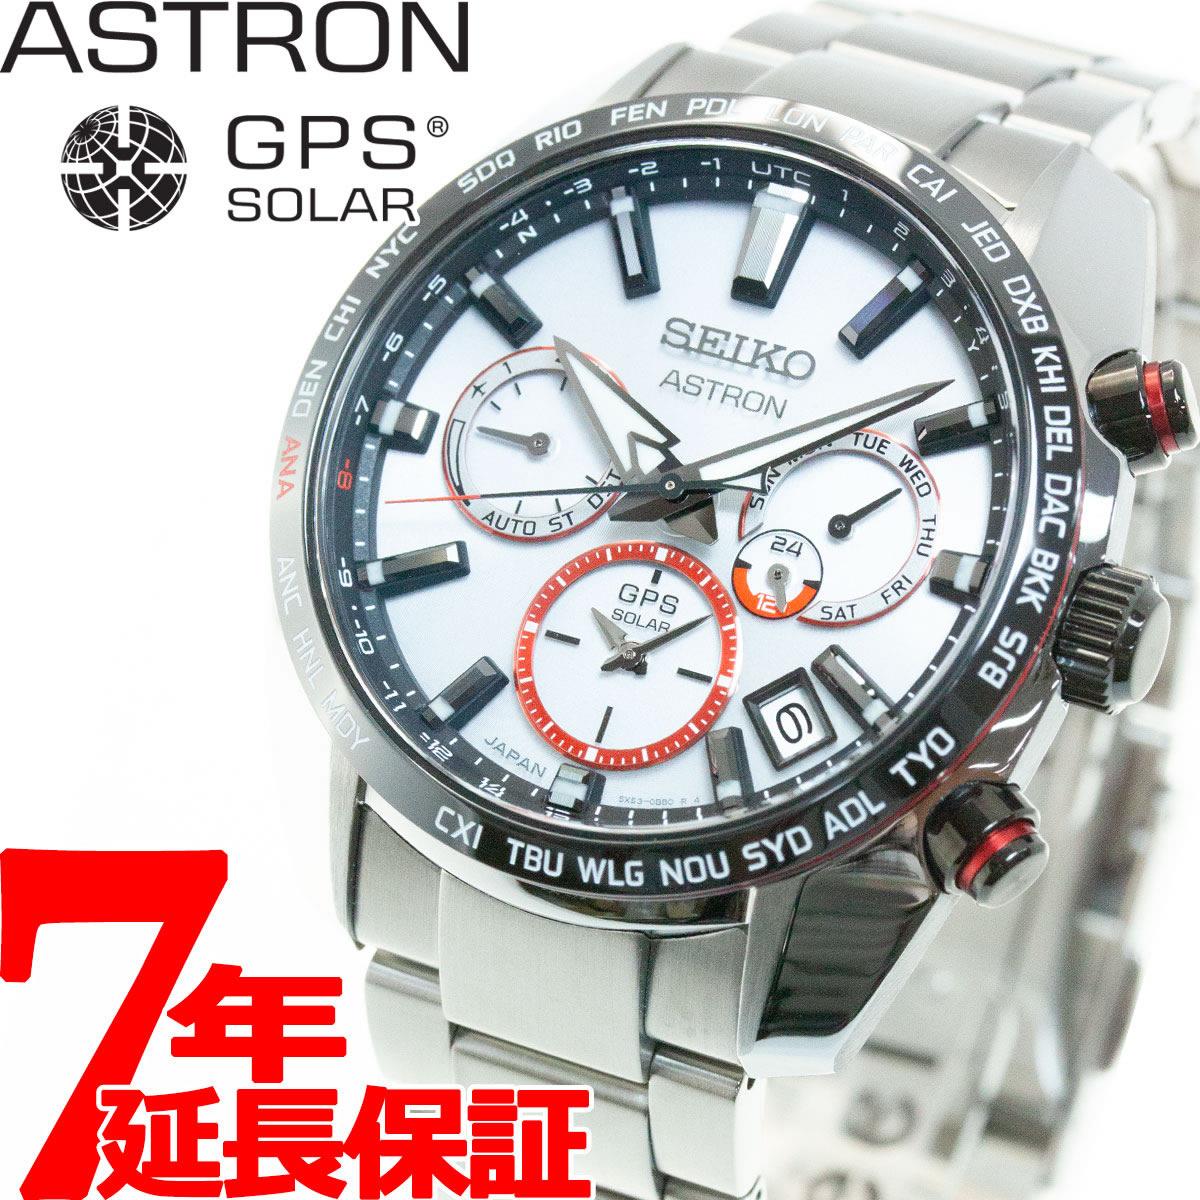 腕時計, メンズ腕時計 2502000OFF60252359 SEIKO ASTRON GPS GPS 2020 SBXC0812020